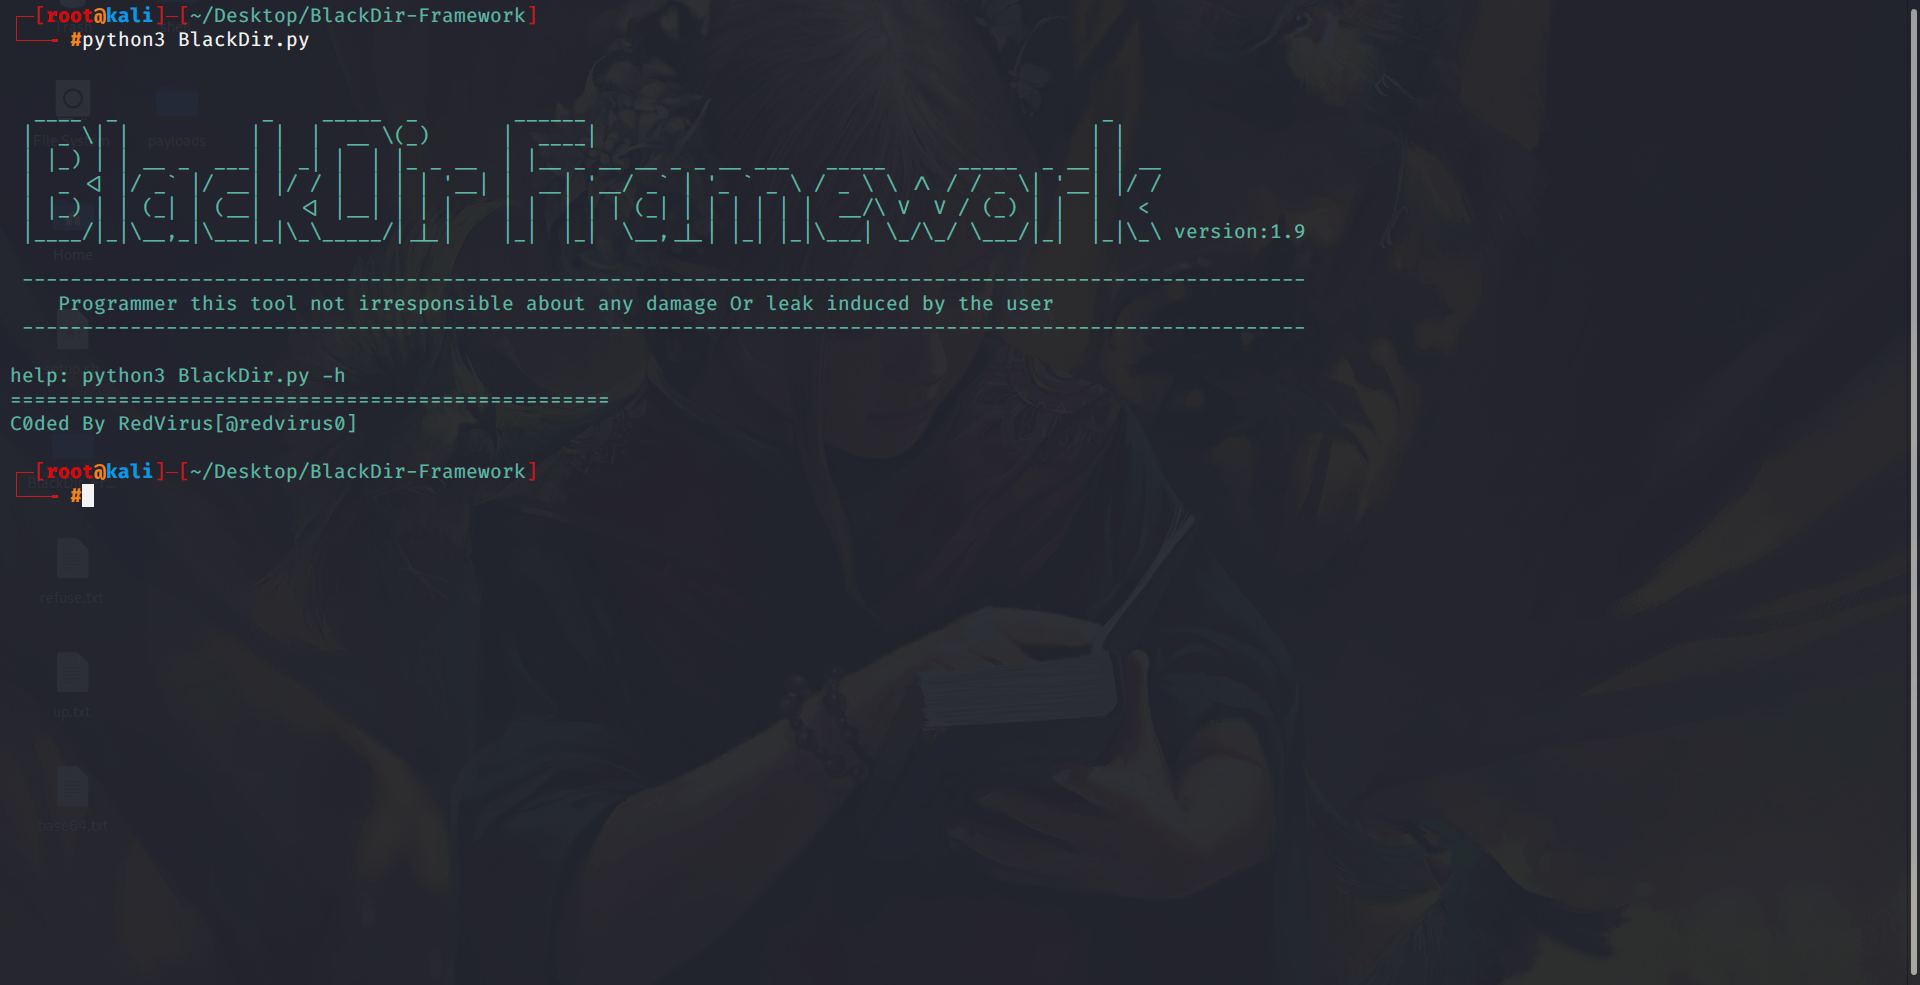 BlackDir-Framework A Valuable Web Application Scanner!